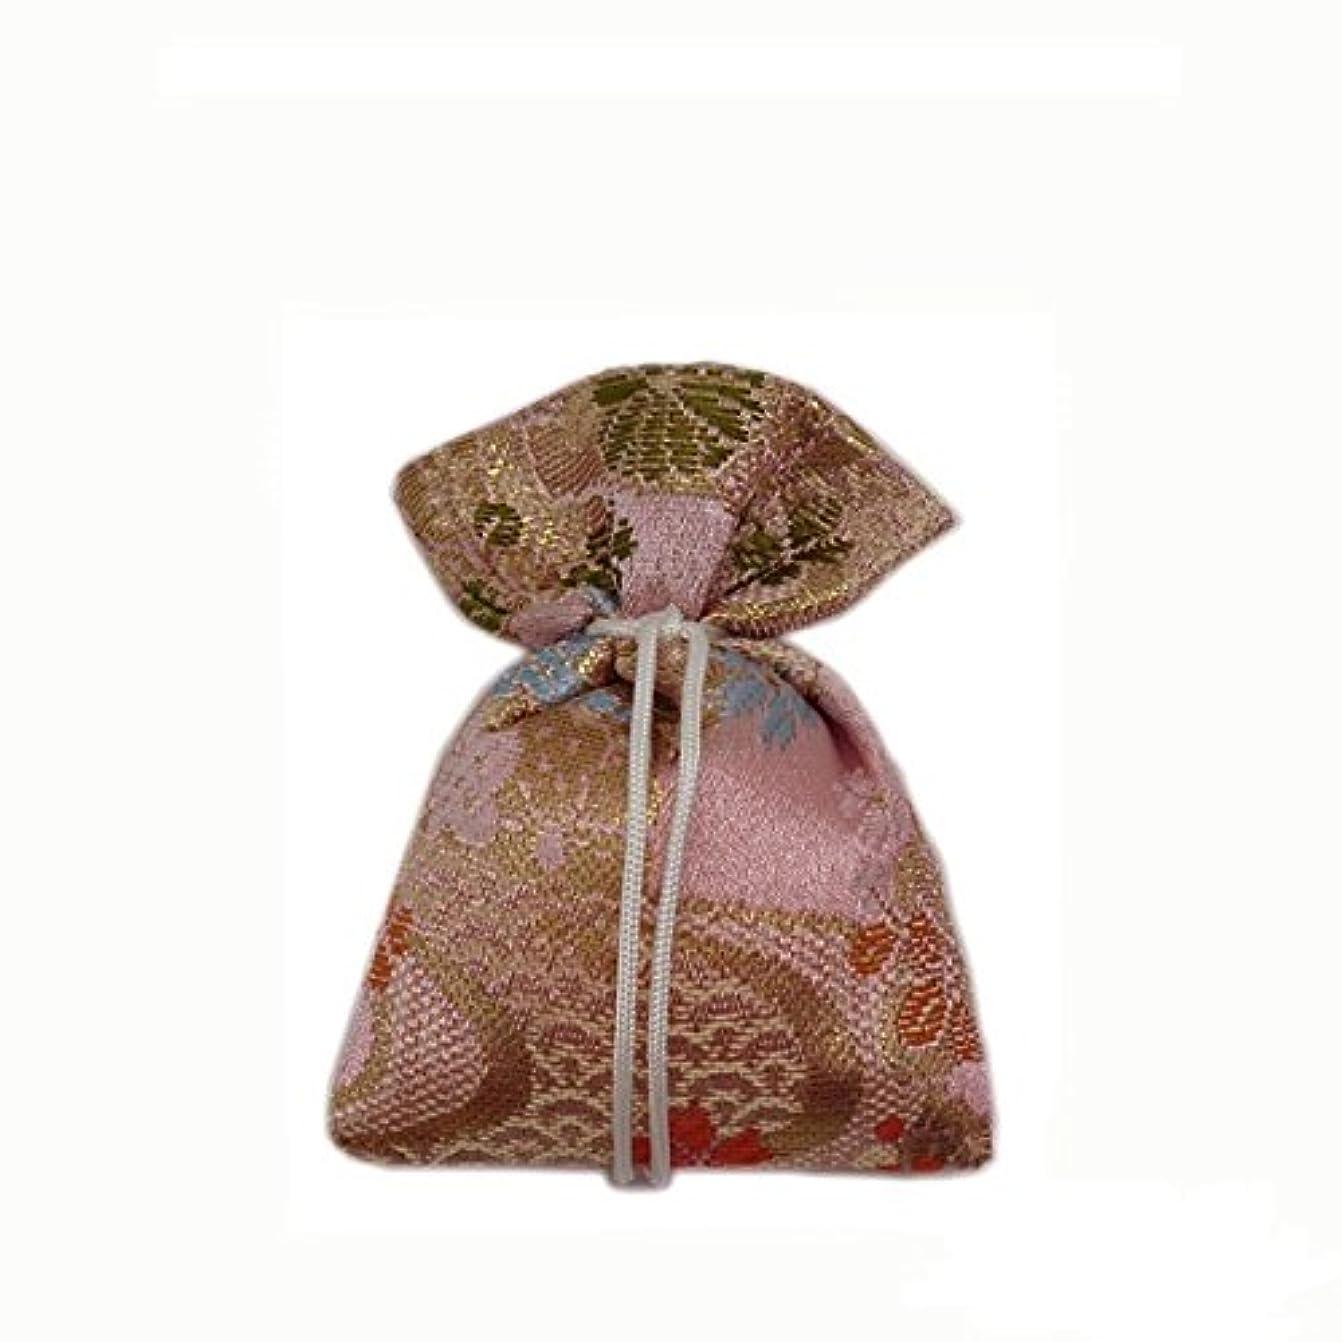 目に見える先生阻害する匂袋 巾着 金襴中 ピンク系